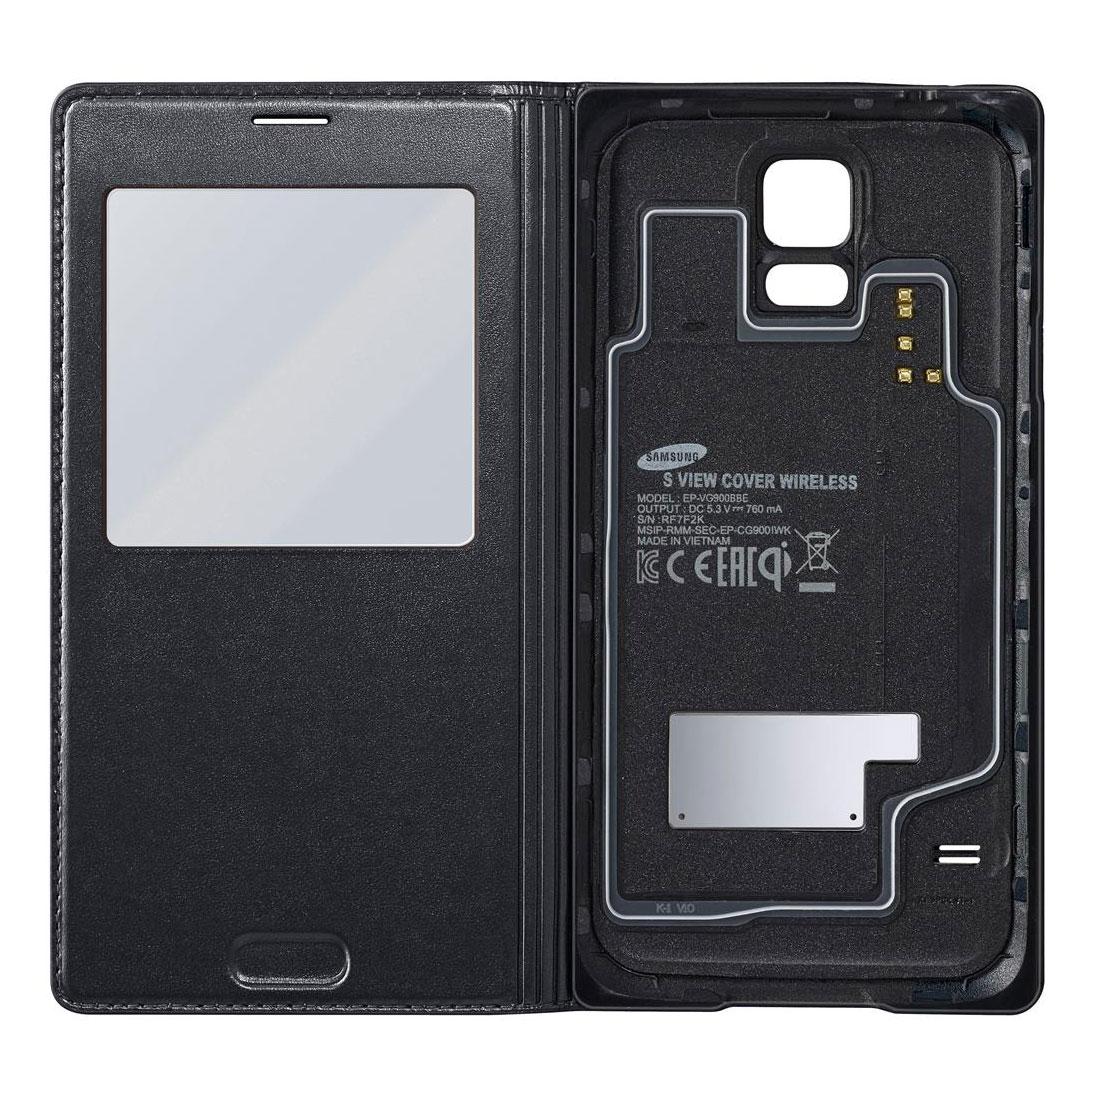 samsung etui de chargement induction ep vg900b noir chargeur t l phone samsung sur ldlc. Black Bedroom Furniture Sets. Home Design Ideas